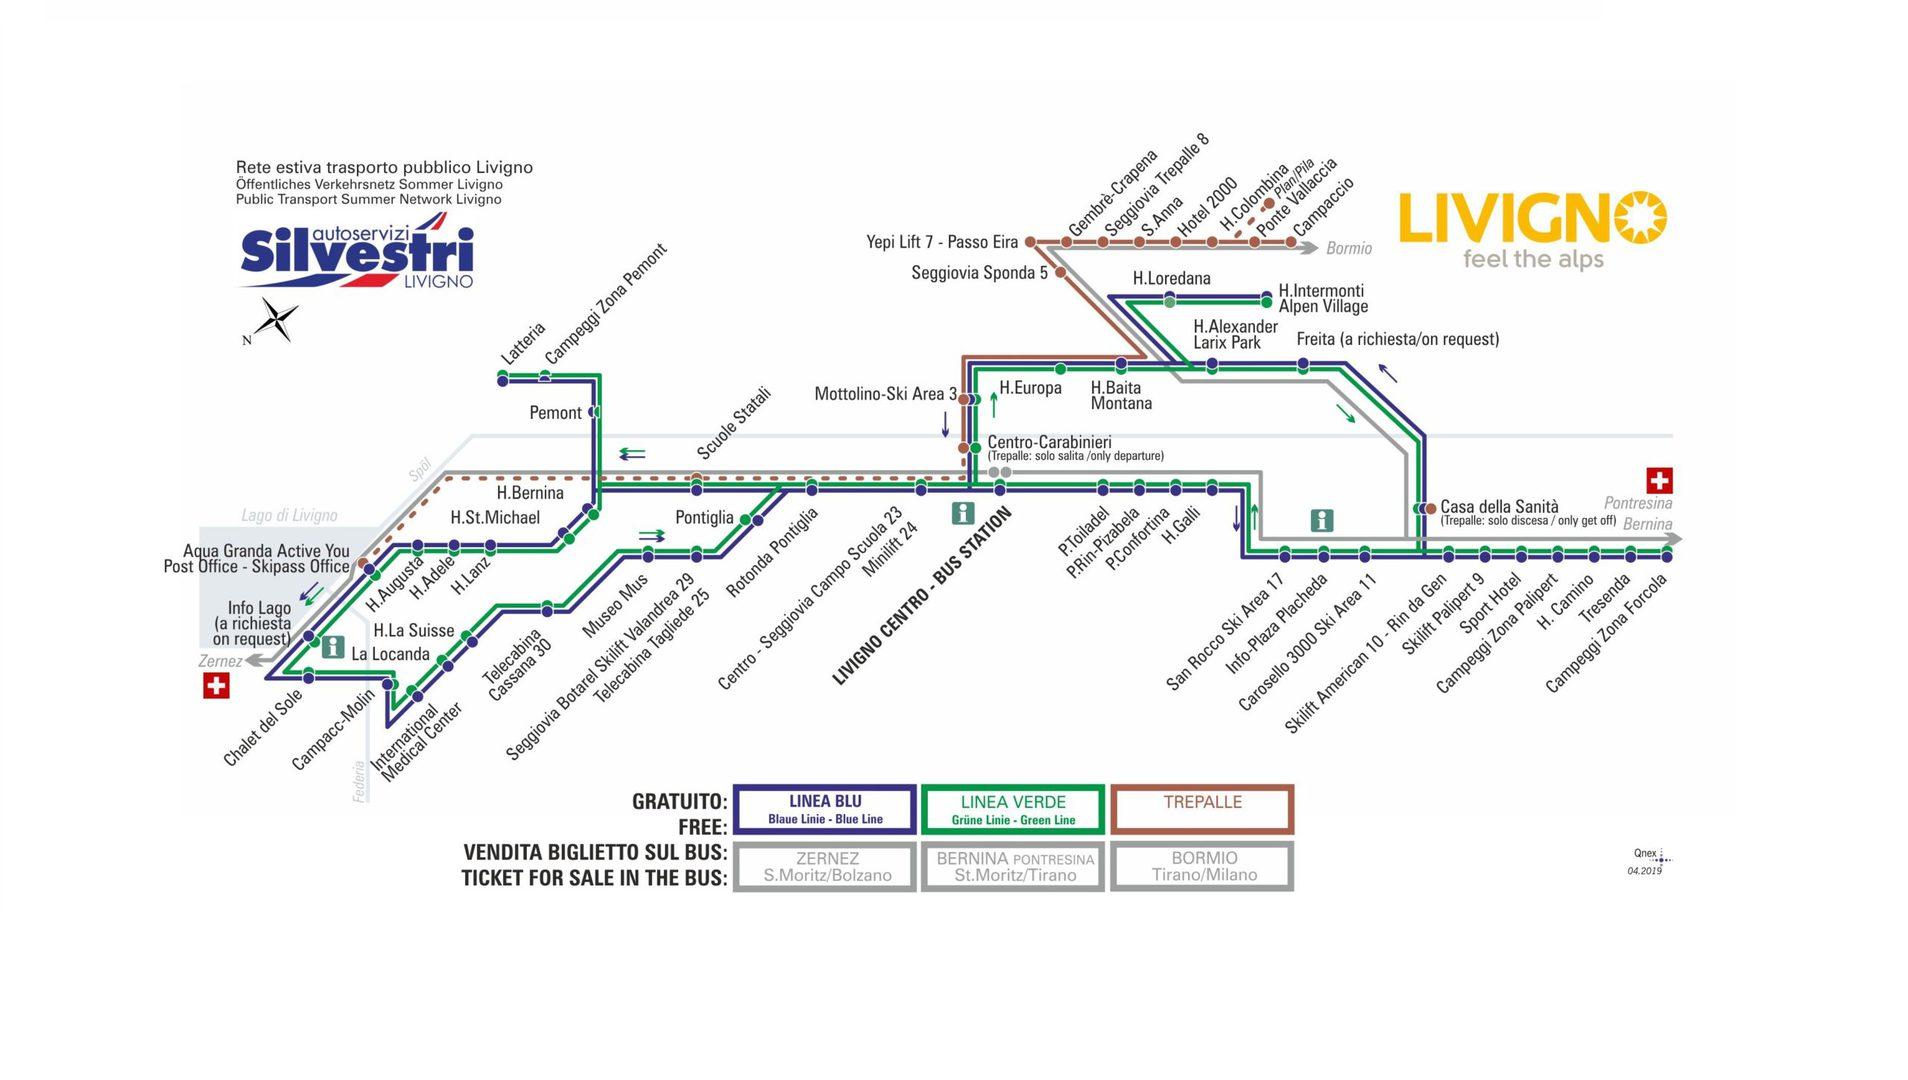 rete trasporto pubblico Livigno - stagione estiva